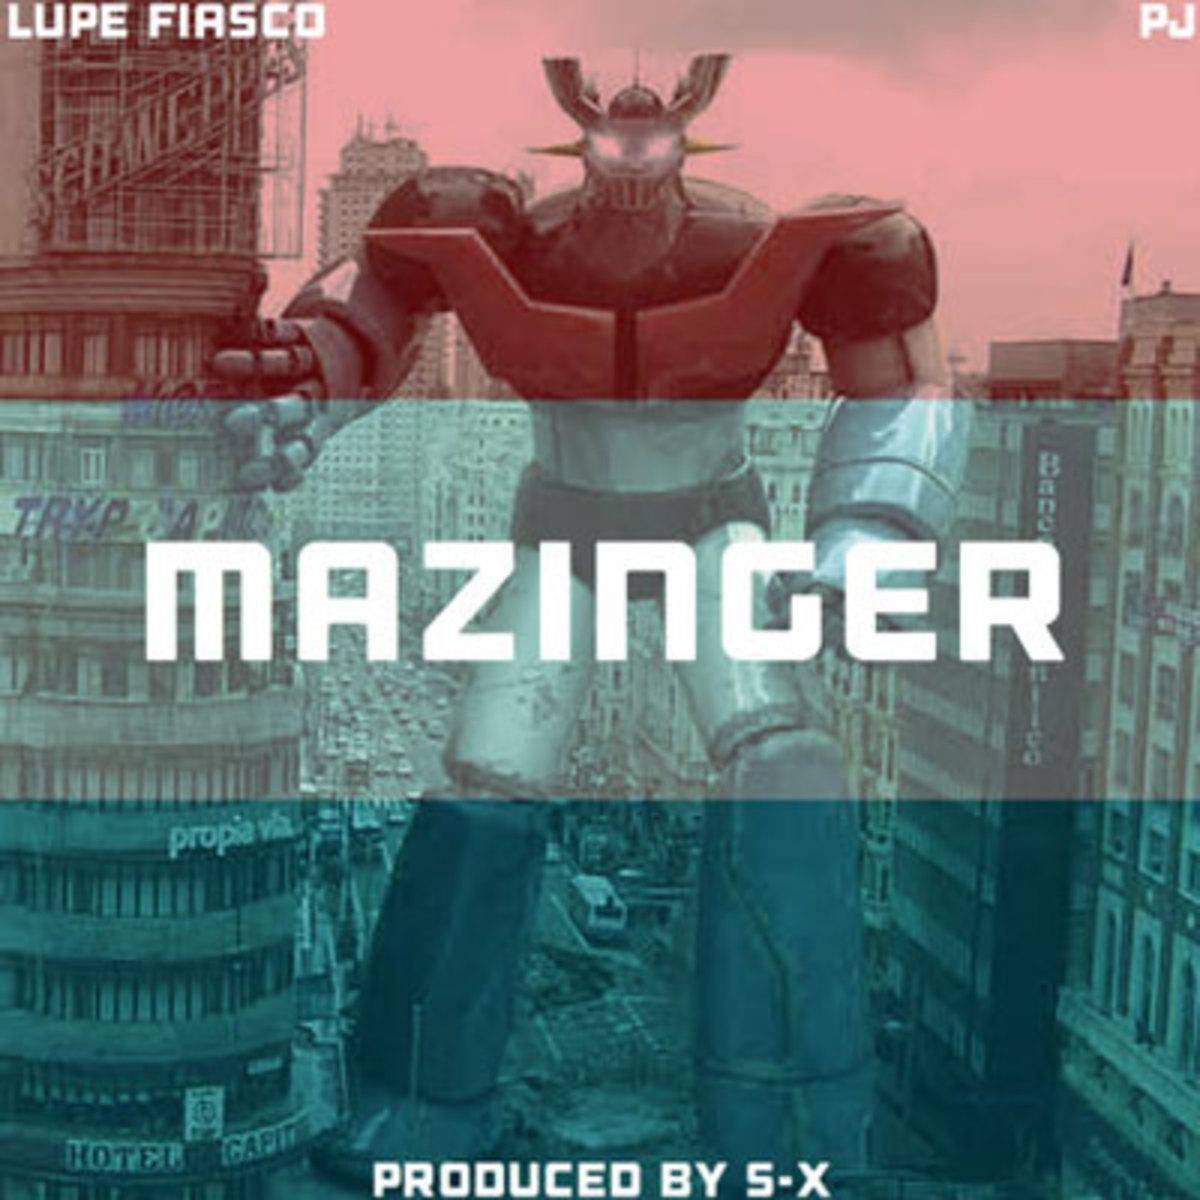 lupefiasco-mazinger.jpg